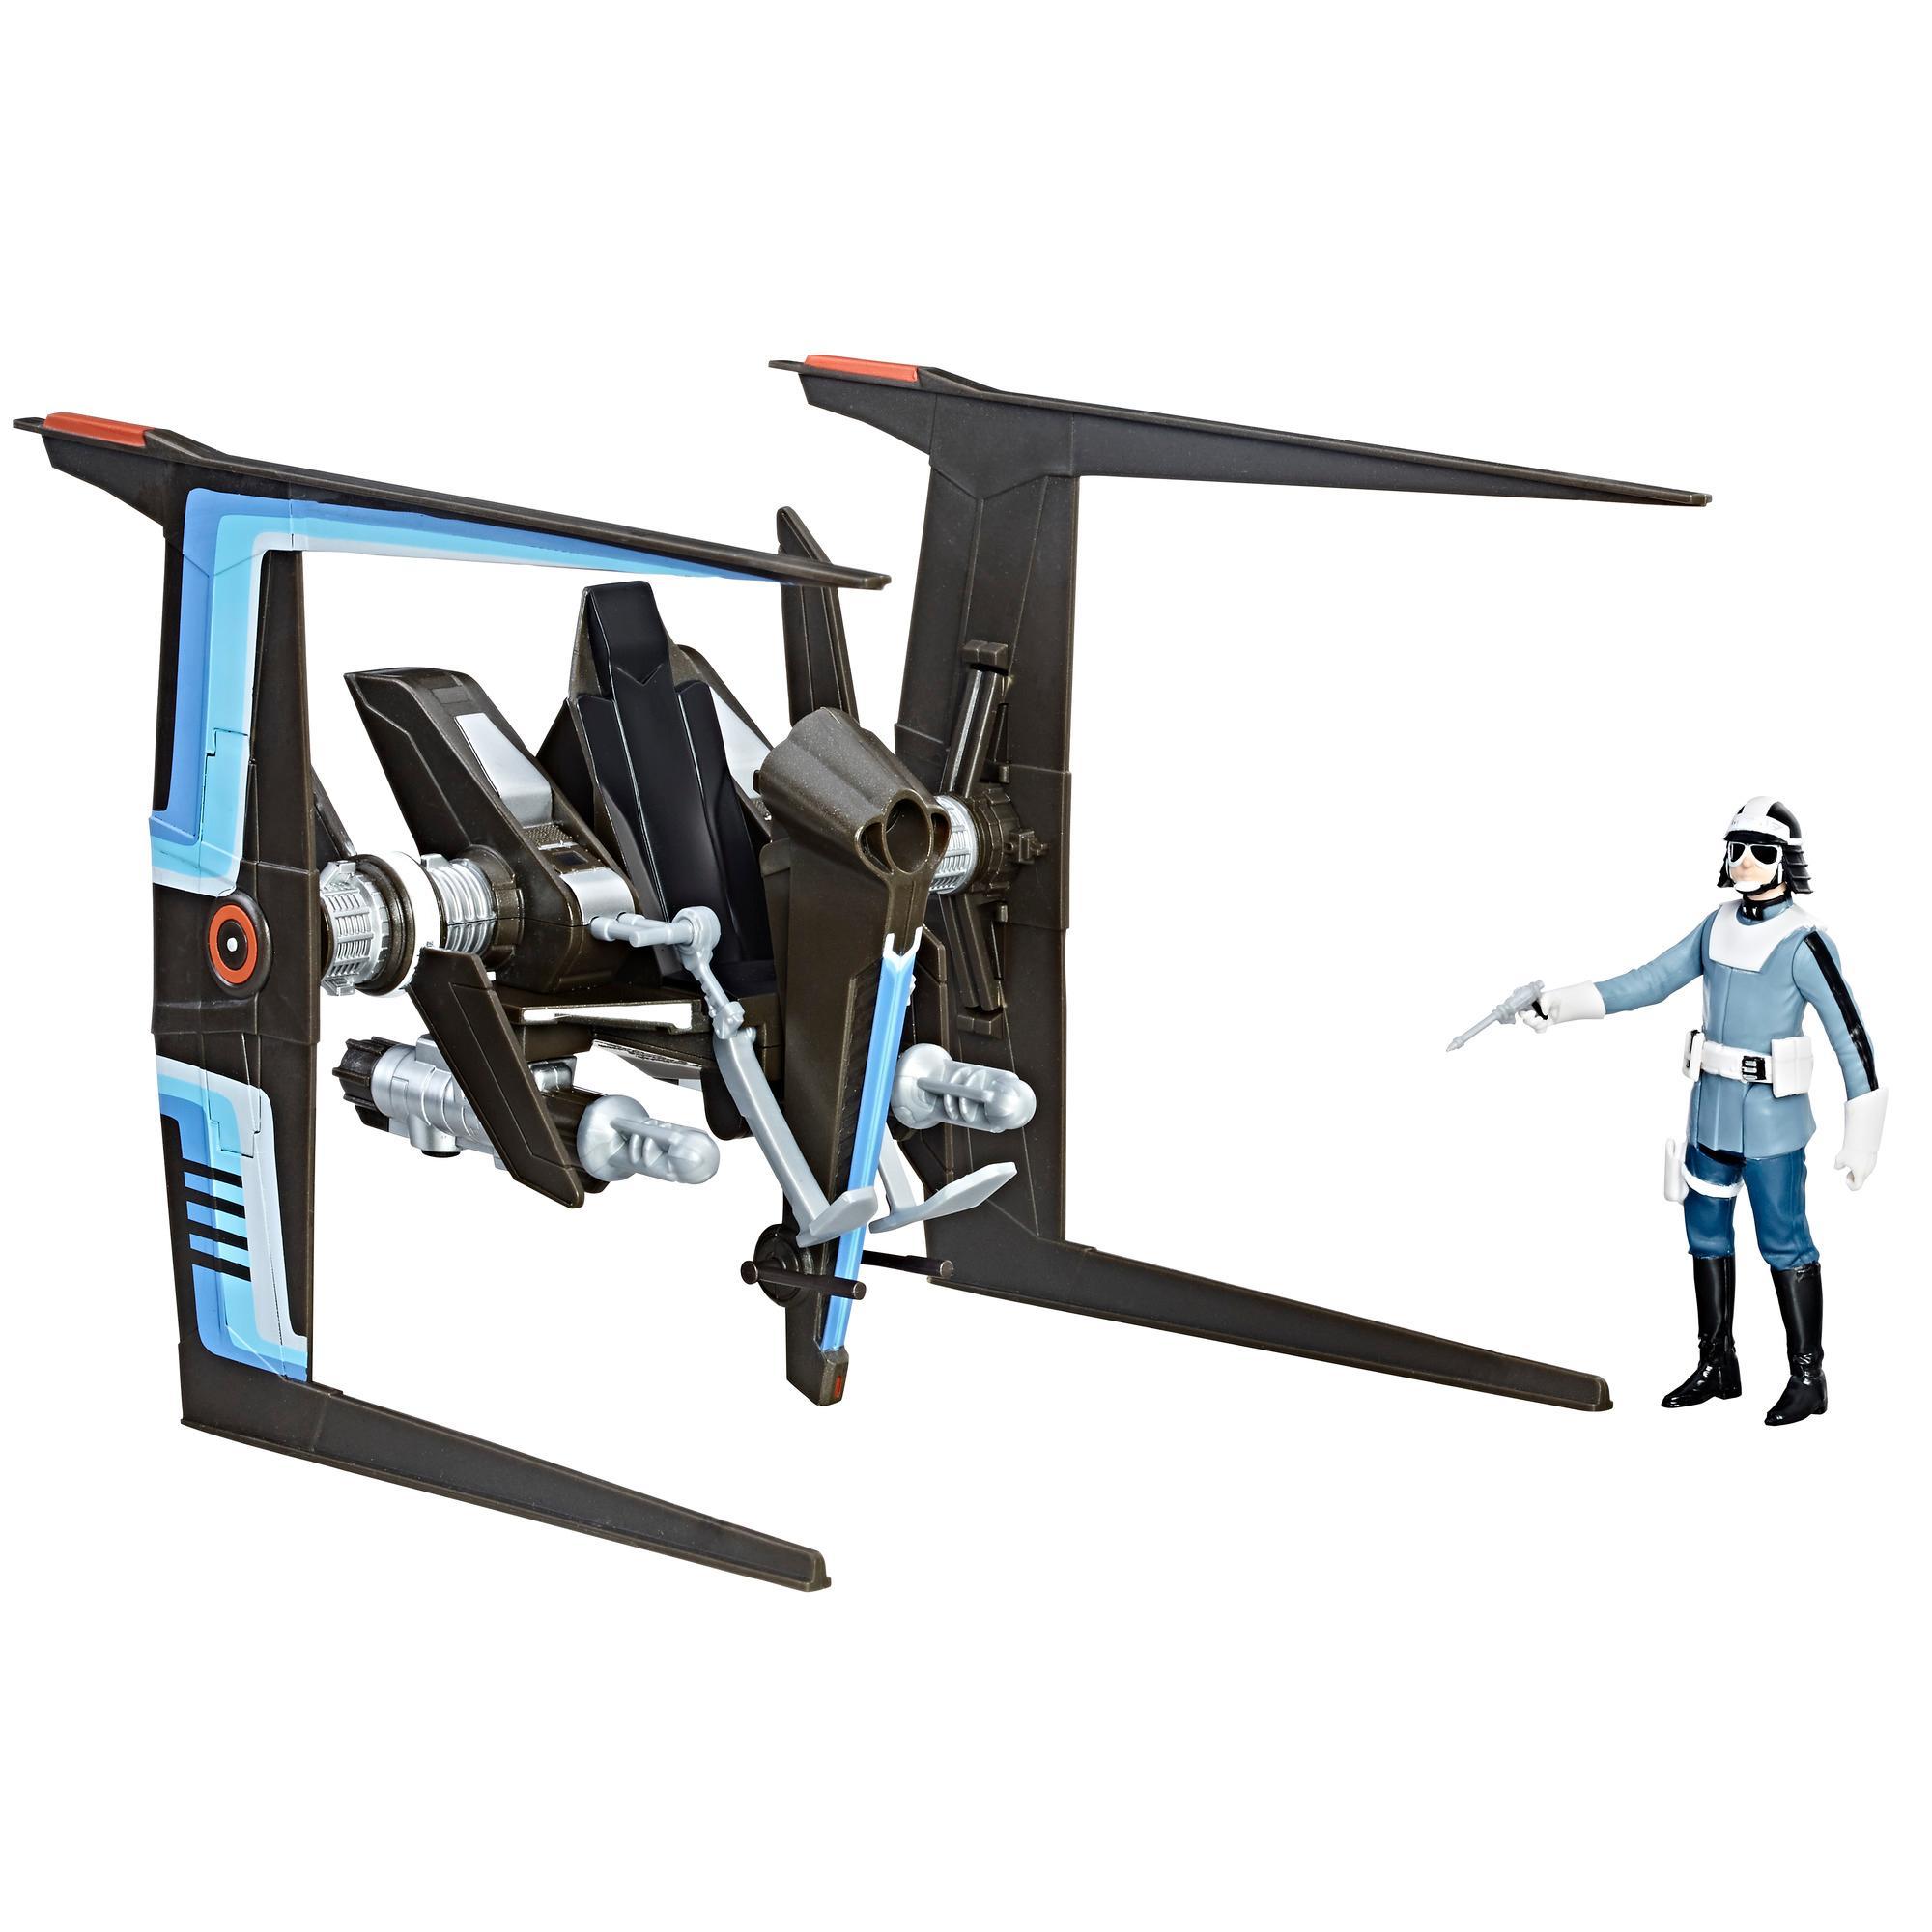 Star Wars Force Link - Speeder da Polícia de Canto Bight e Policial de Canto Bight